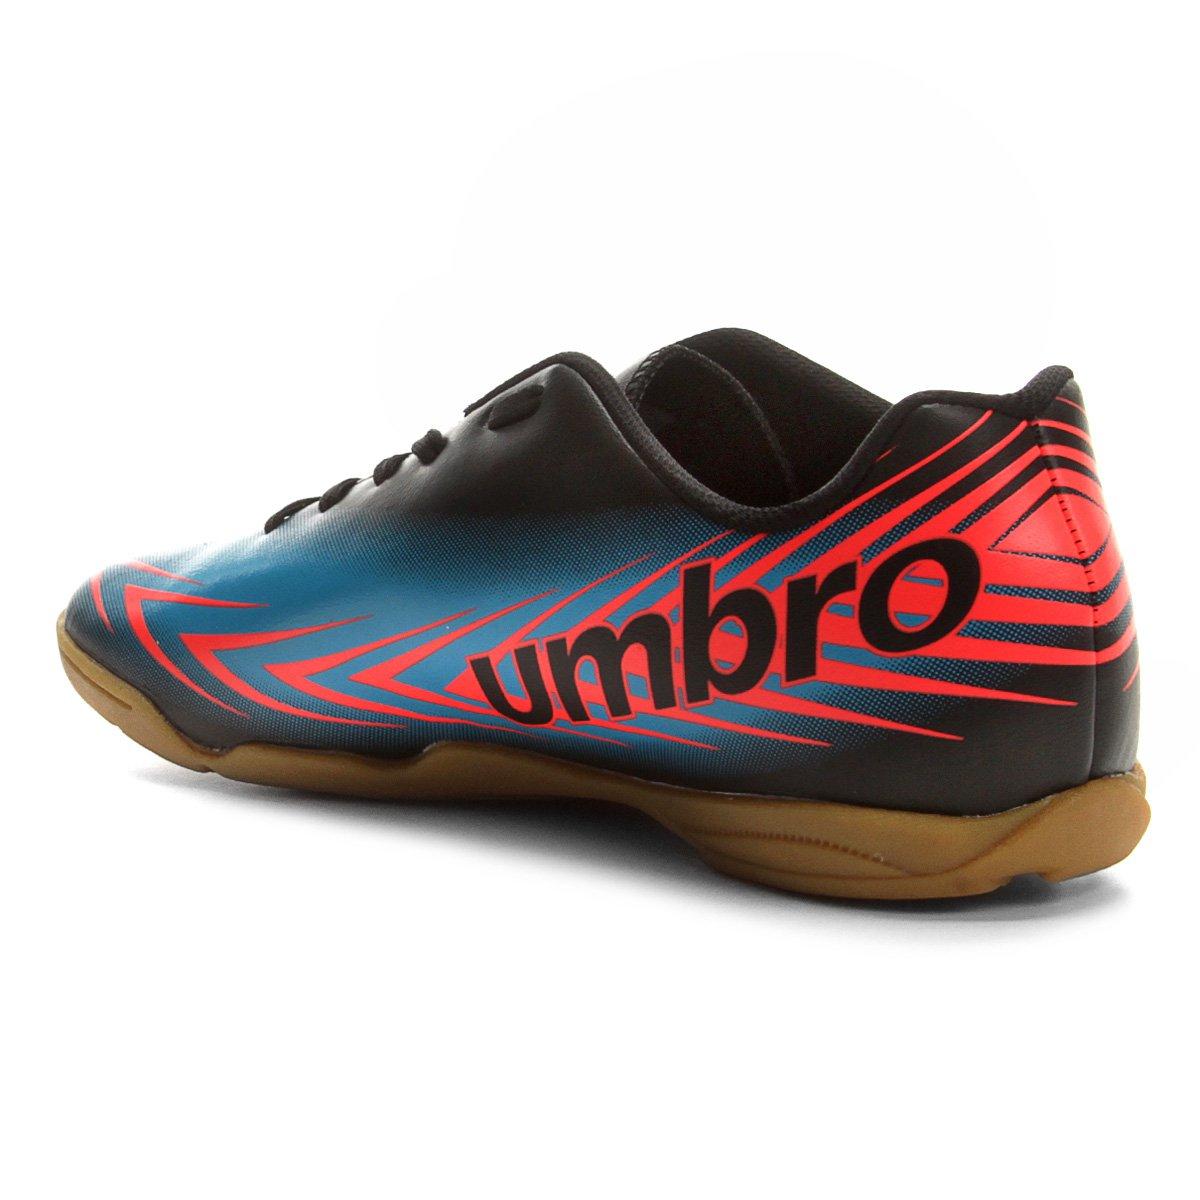 639e601a6c7 Chuteira Futsal Umbro Speed III Masculina